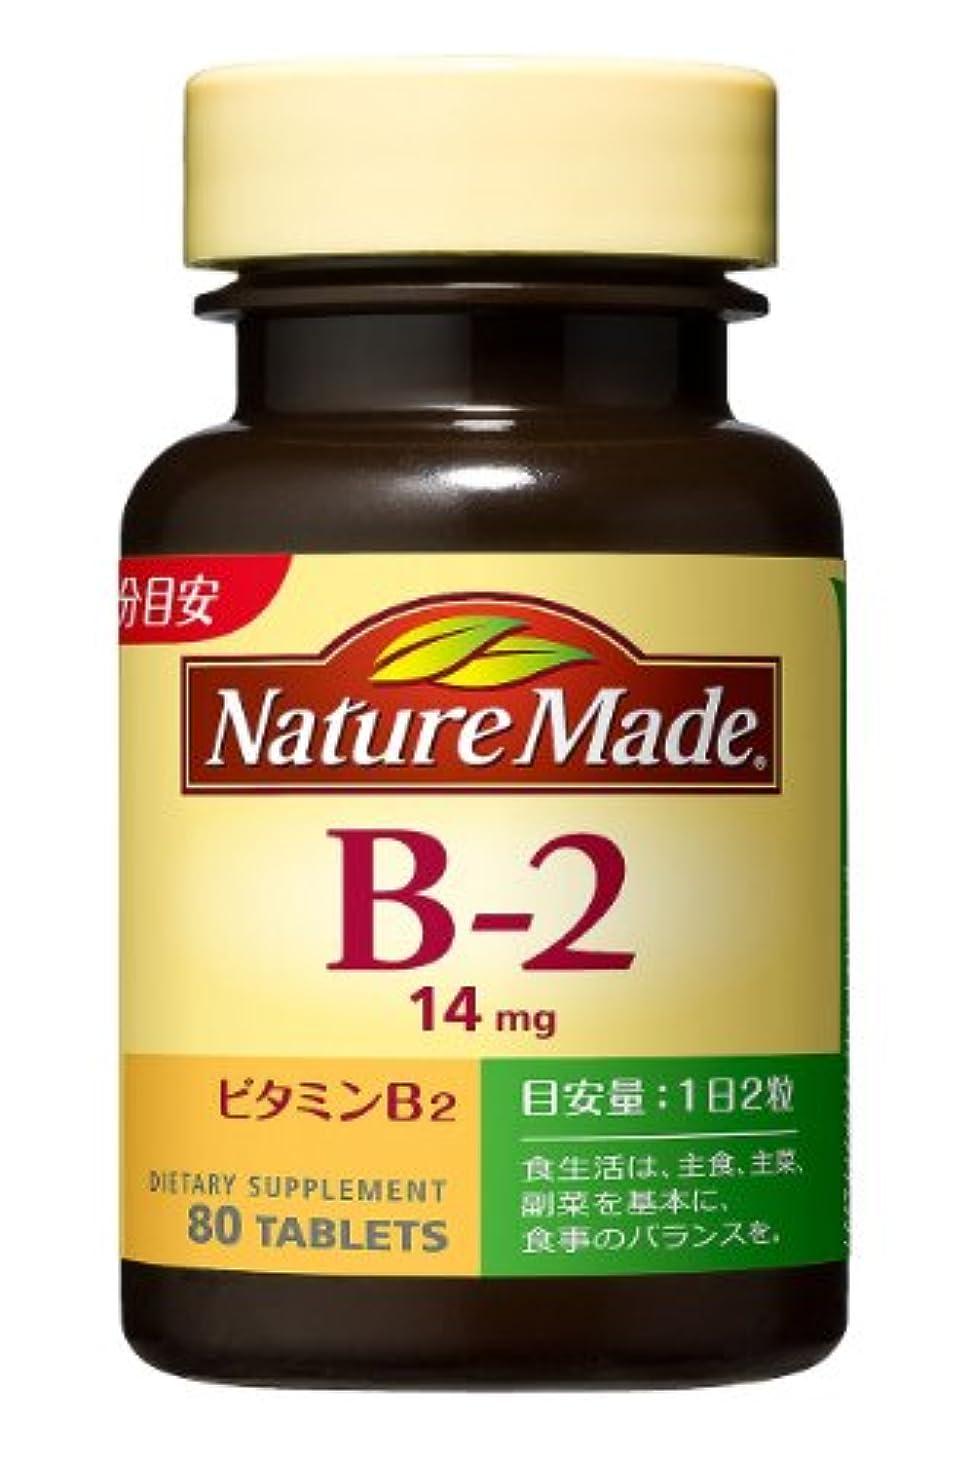 未満起きているしがみつく大塚製薬 ネイチャーメイド ビタミンB-2 80粒